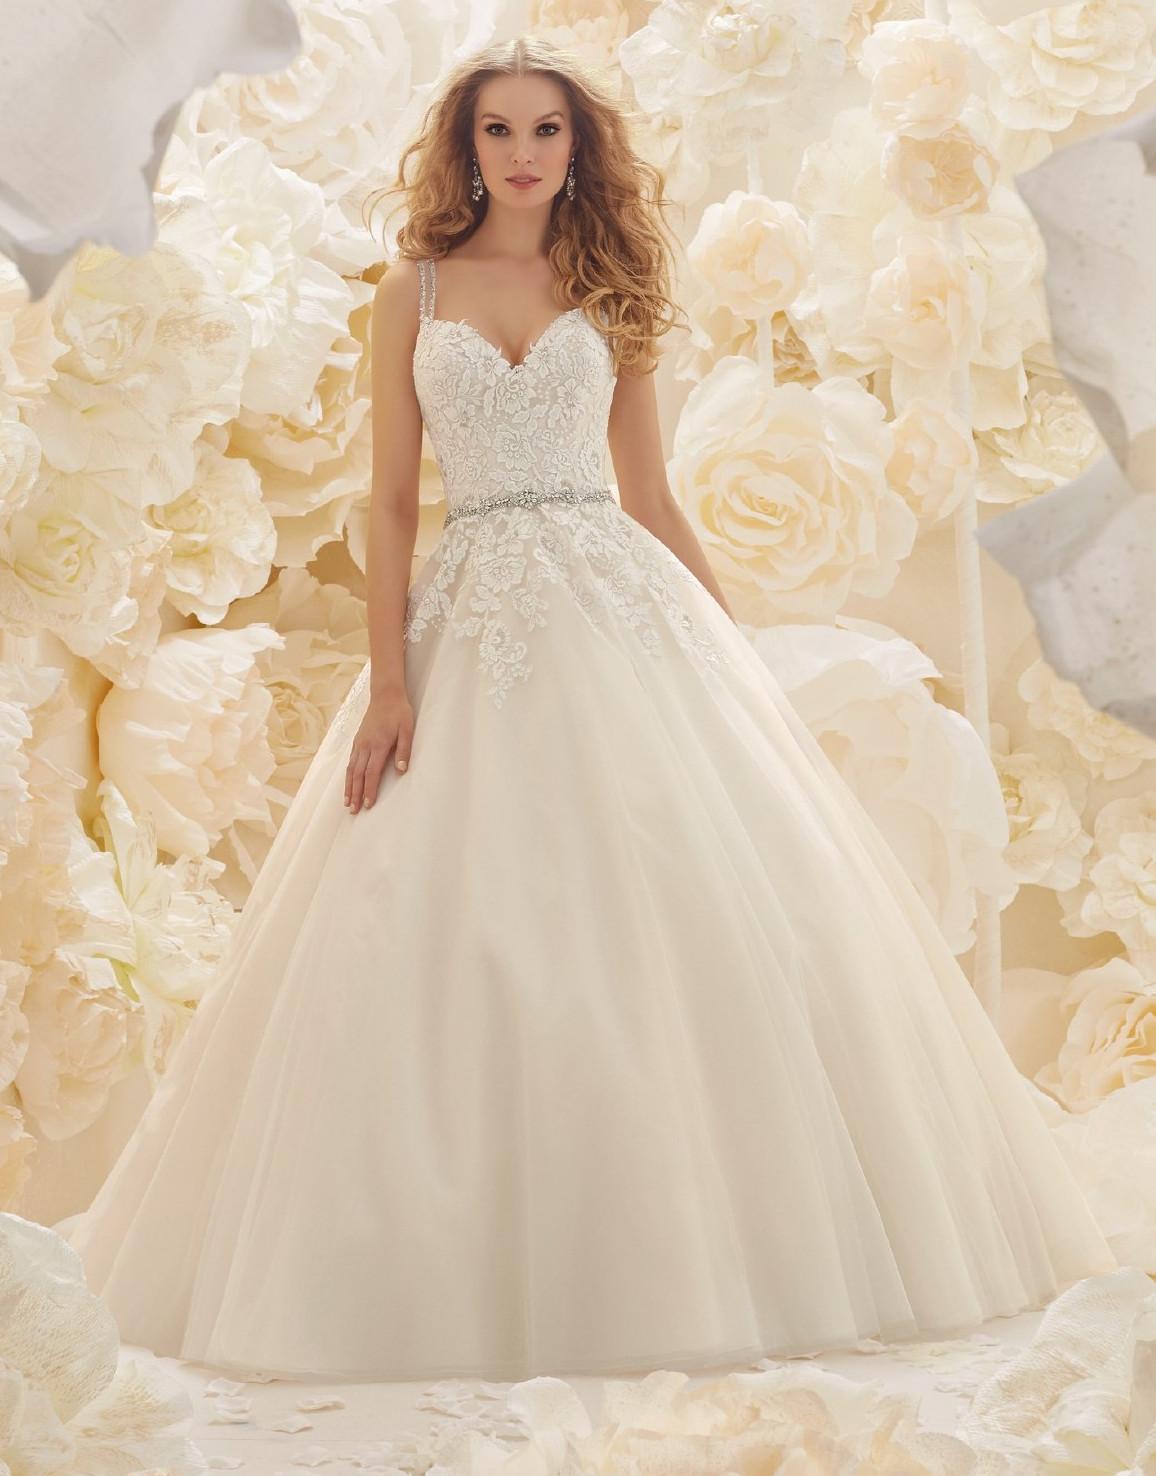 Νυφικό Φόρεμα, Sofia Bianca, με Πλούσια Φούστα, Style. 51267